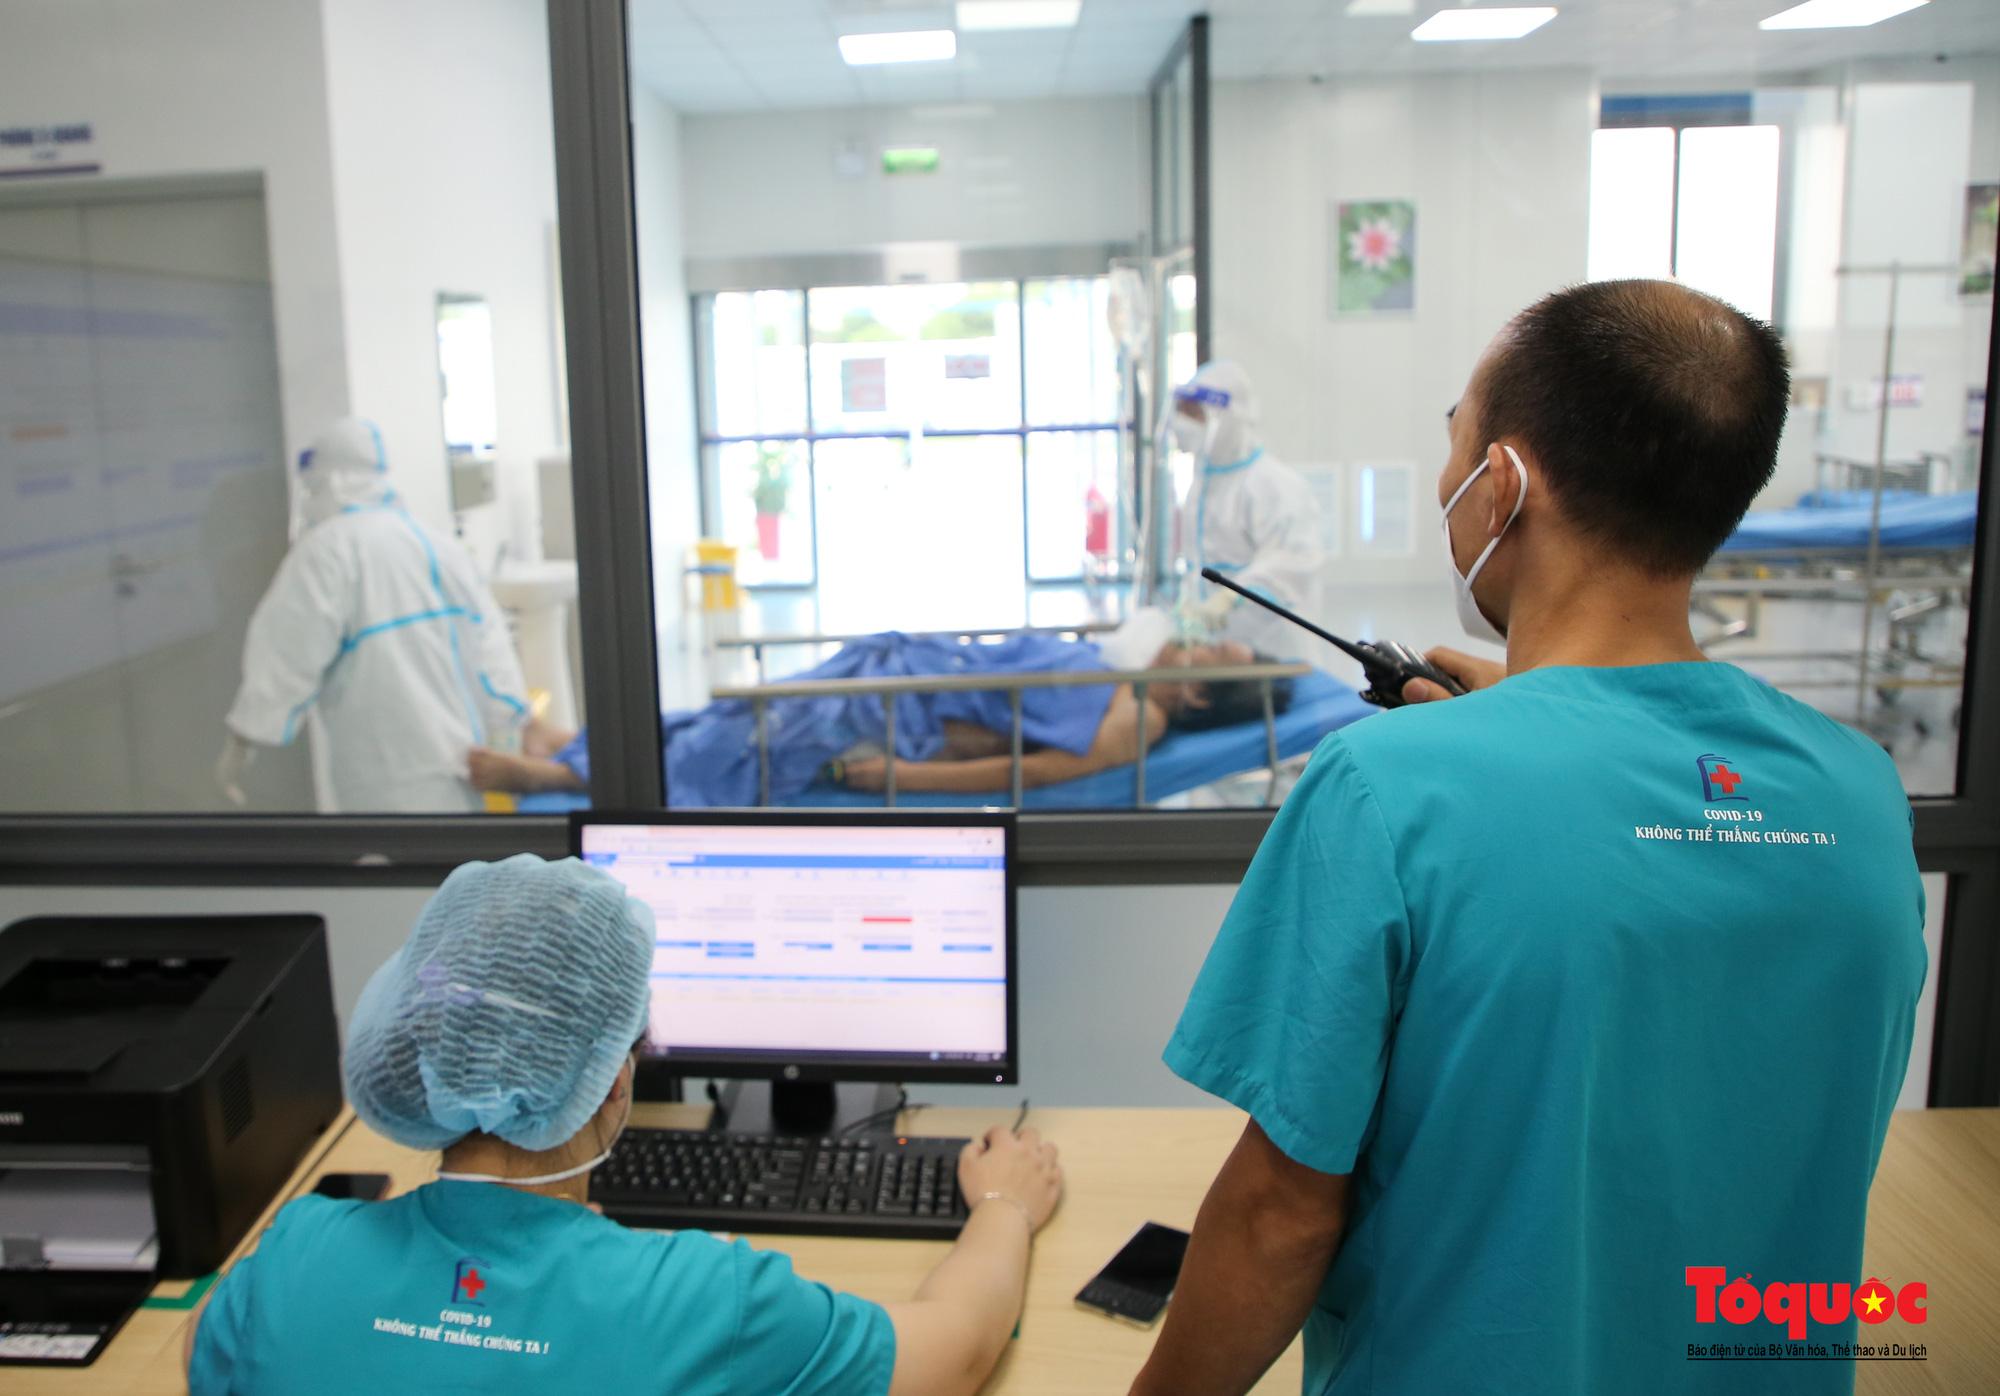 Hà Nội: Cận cảnh bên trong khu điều trị hiện đại của Bệnh viện điều trị người bệnh Covid 19  - Ảnh 7.